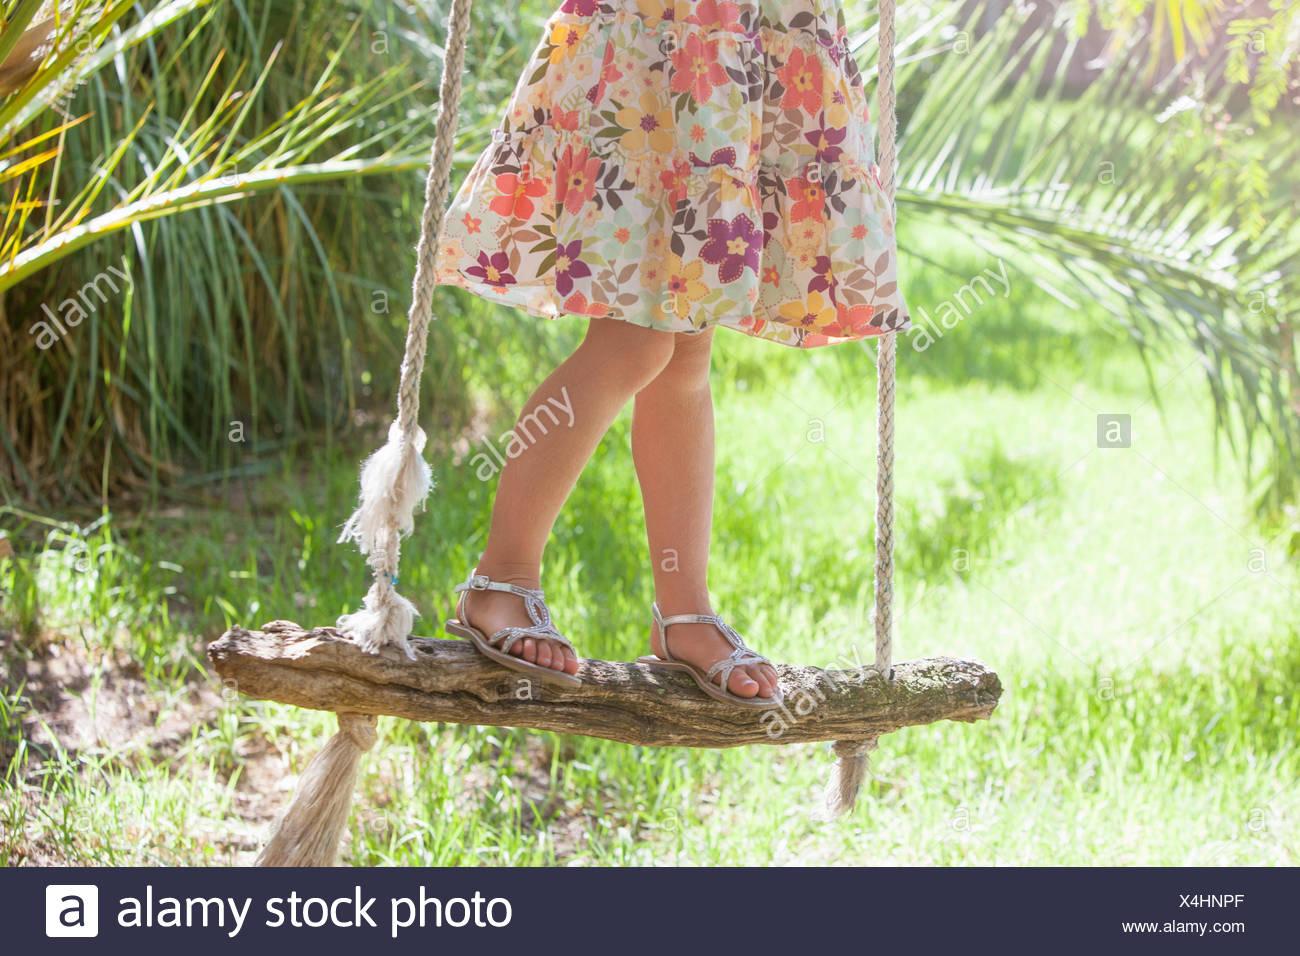 Vita scende ritagliato shot della ragazza in piedi su albero oscillante nel giardino Immagini Stock